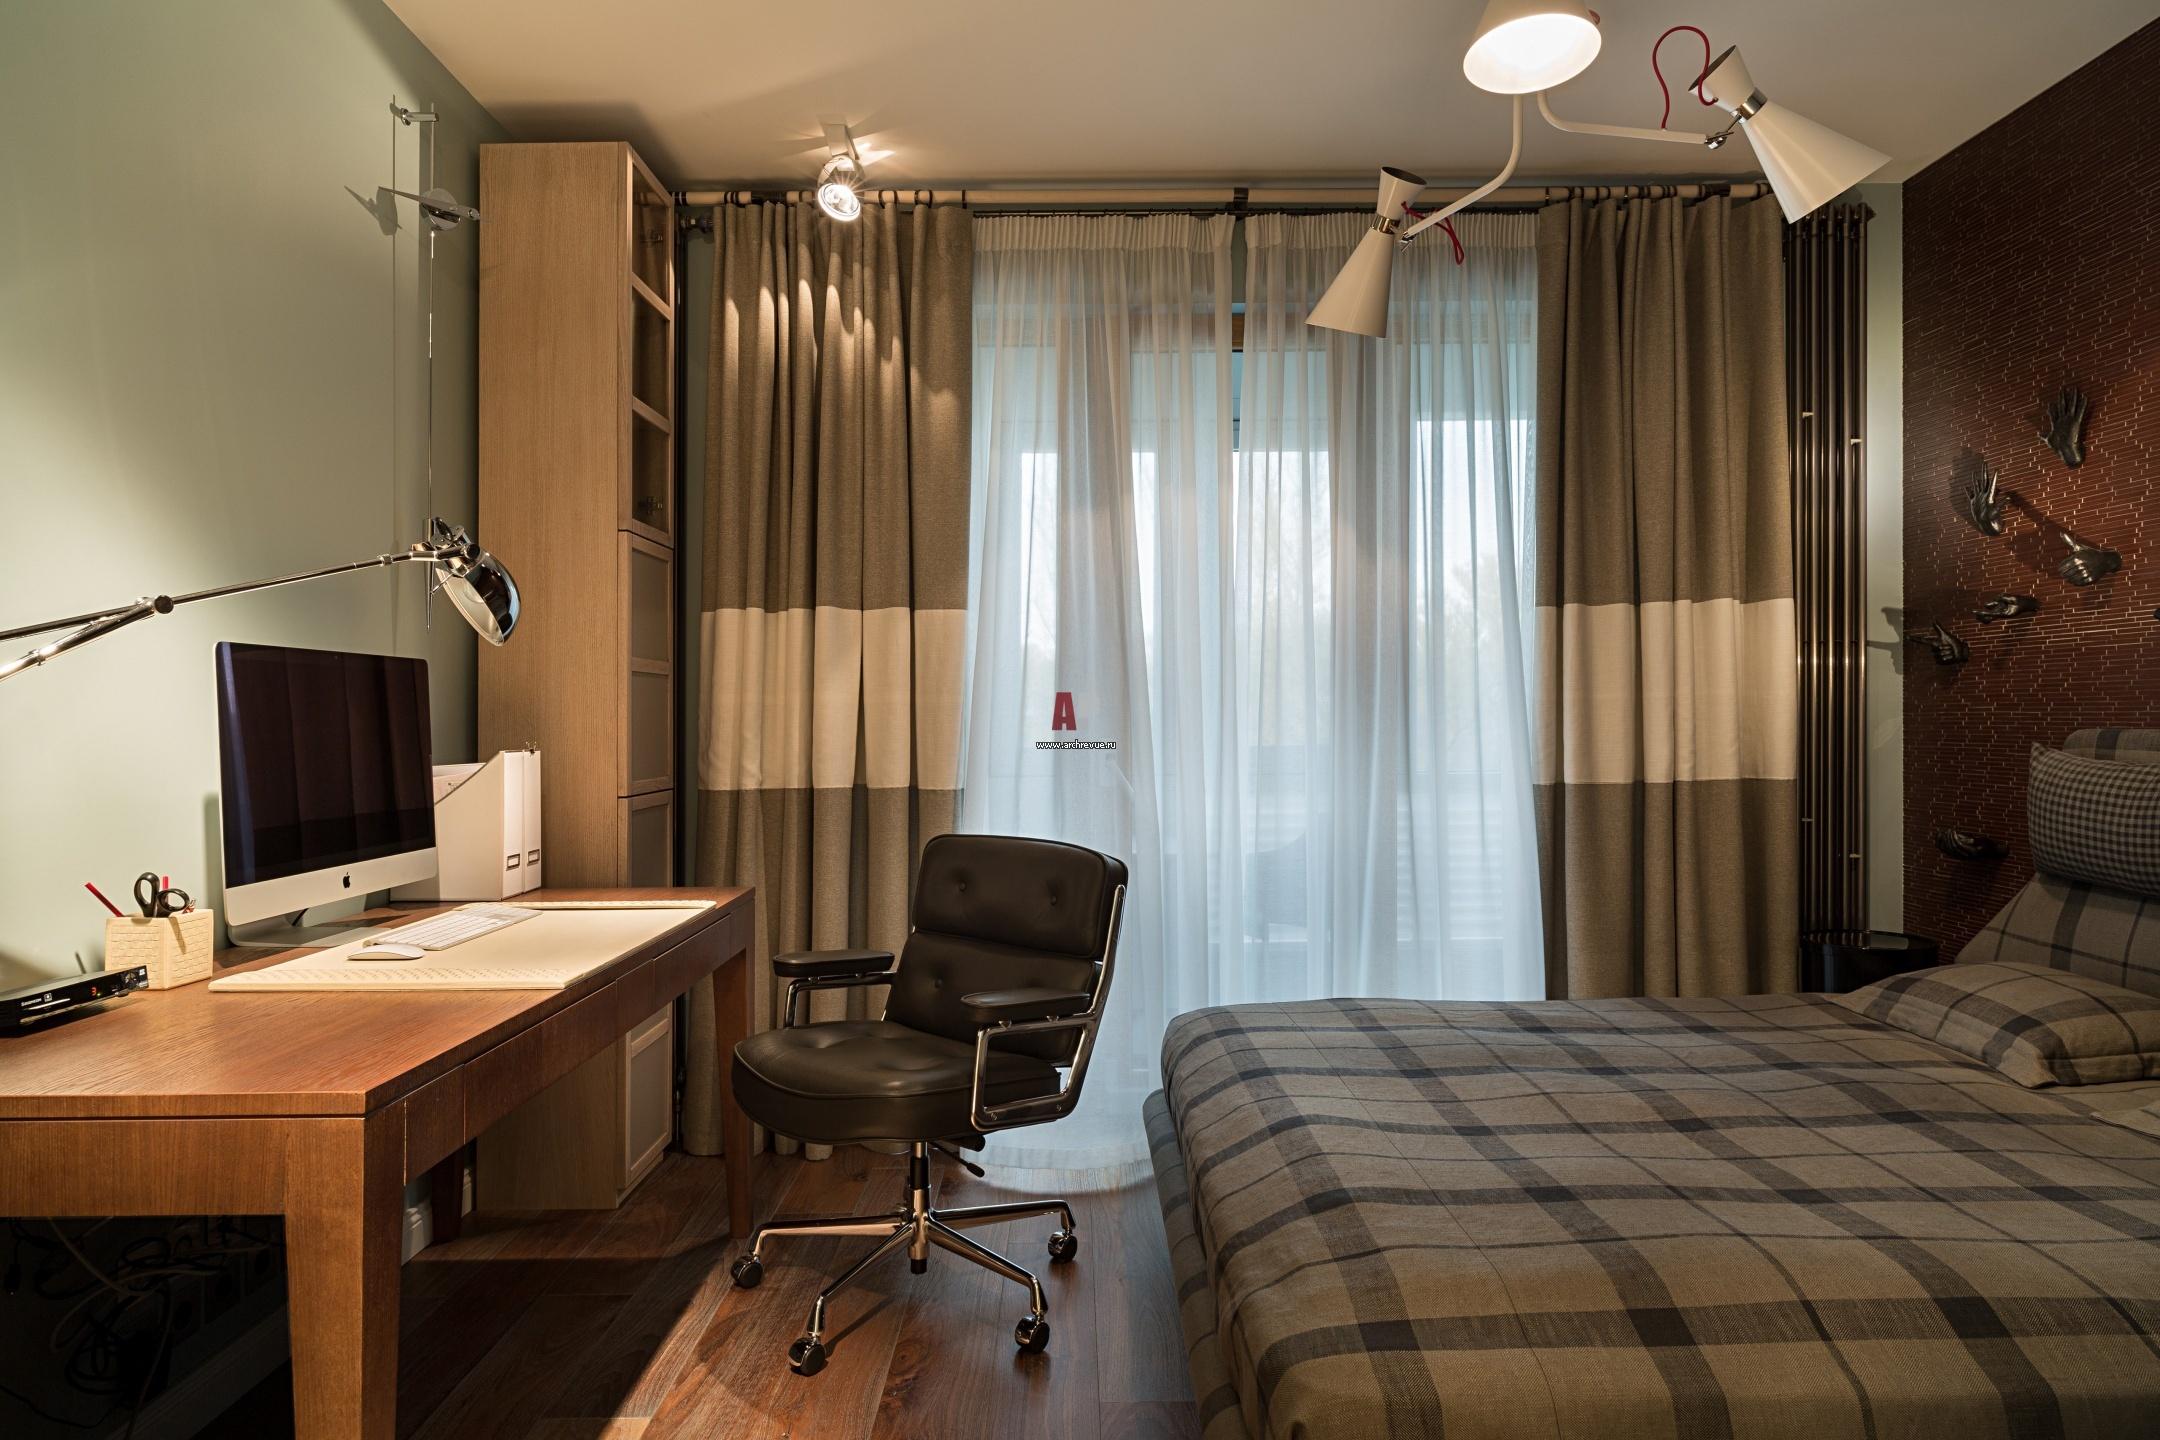 Студенты в спальне, Смотрите онлайн Горячие студенты трахаются в спальне 28 фотография